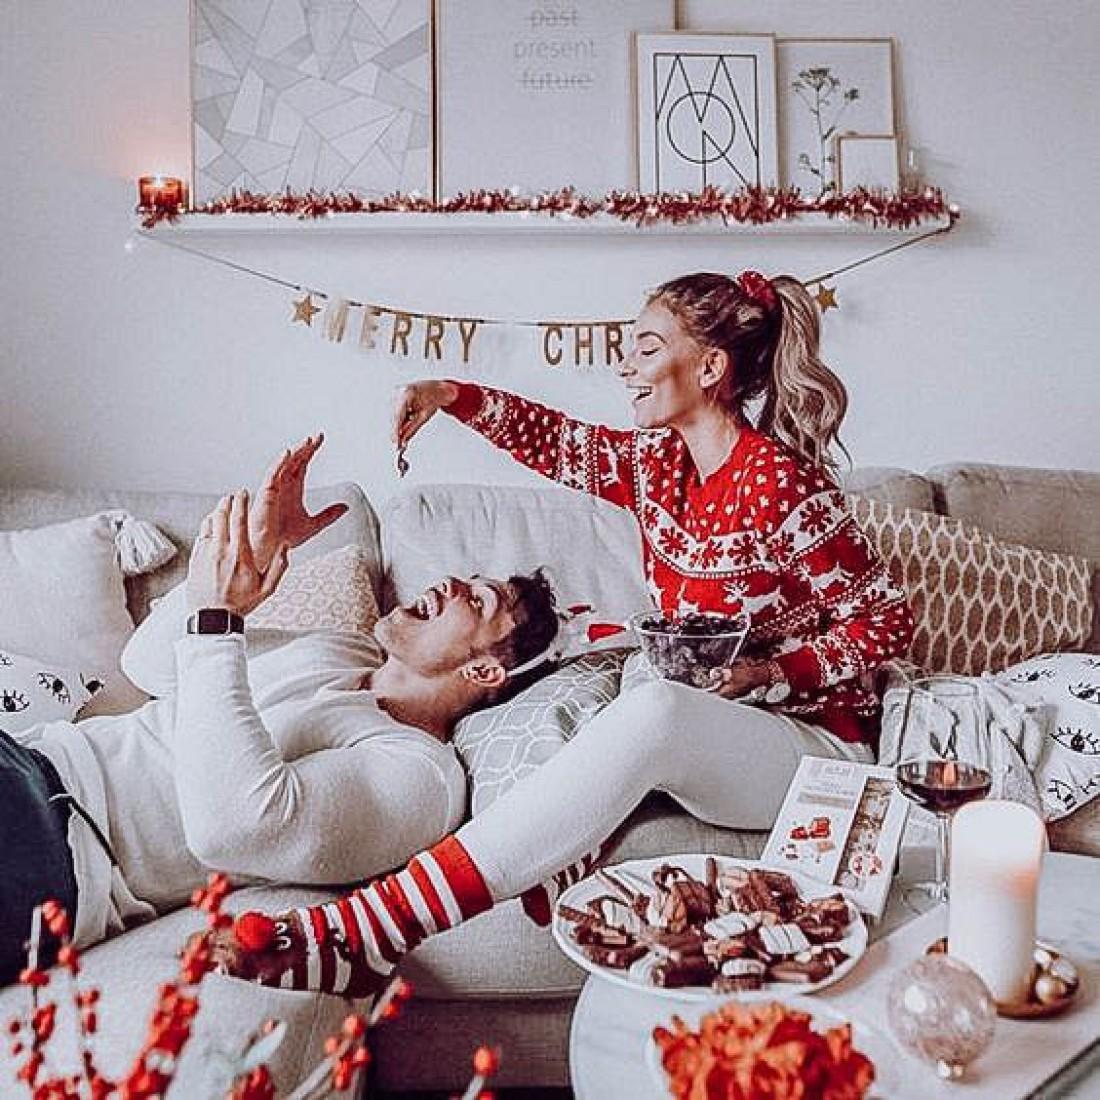 Пережить Новый год: 7 правил выживания для отношений